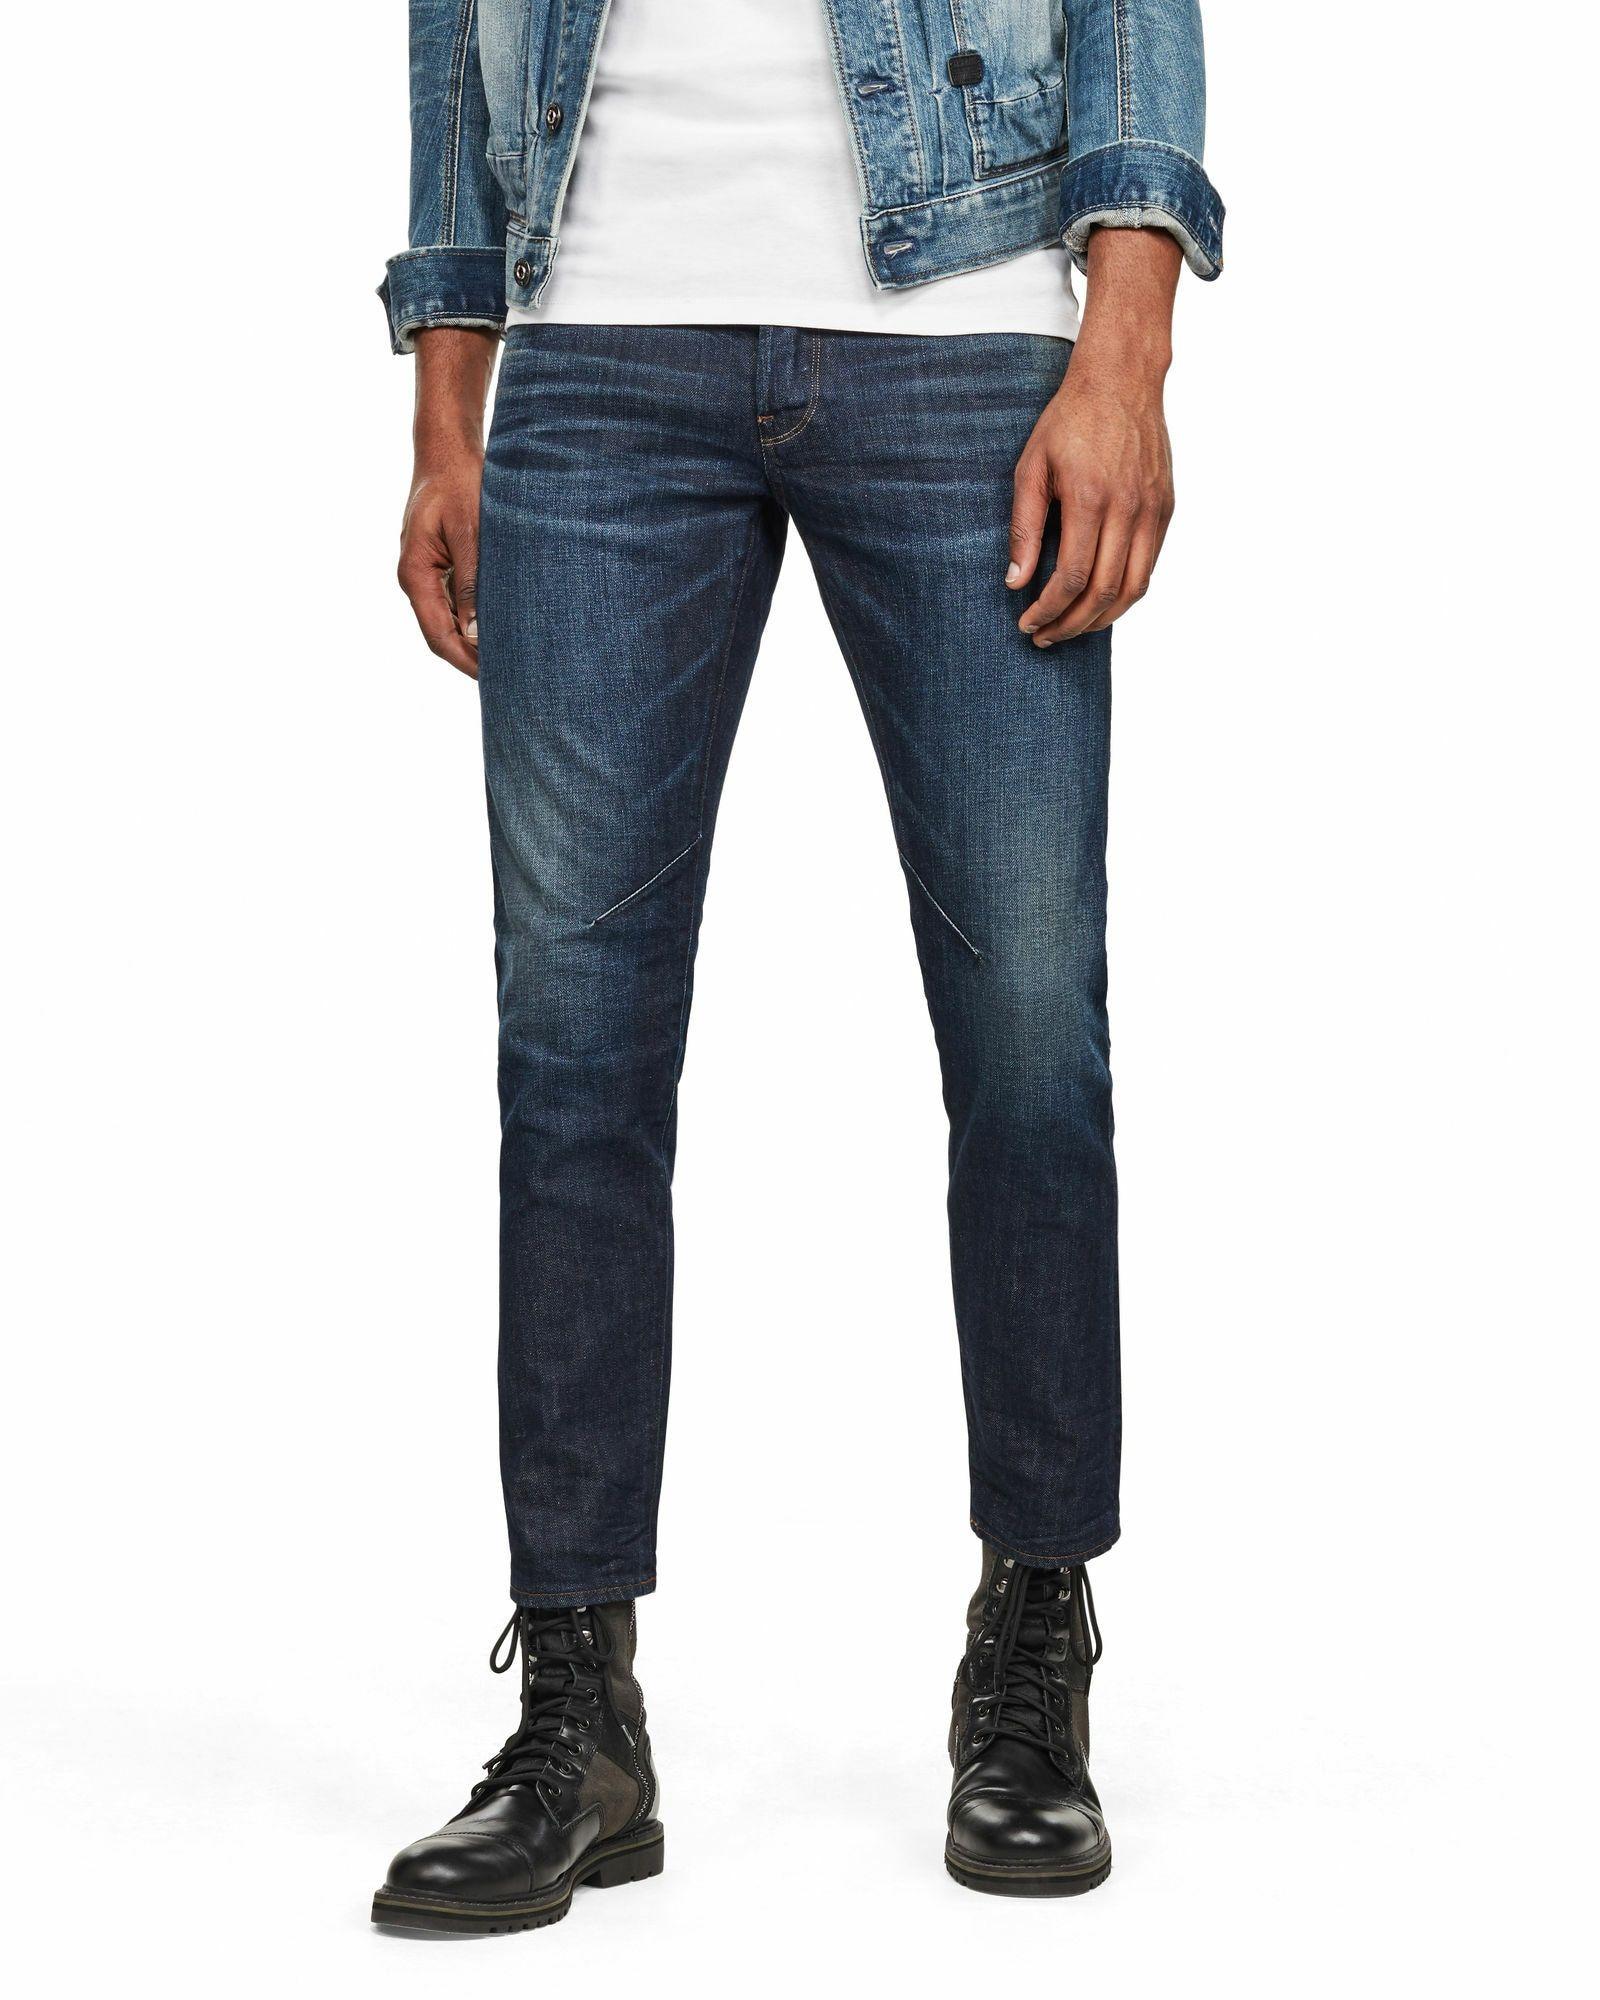 G-Star RAW Jeans 'D-Staq' Herren Blue Denim Größe 30